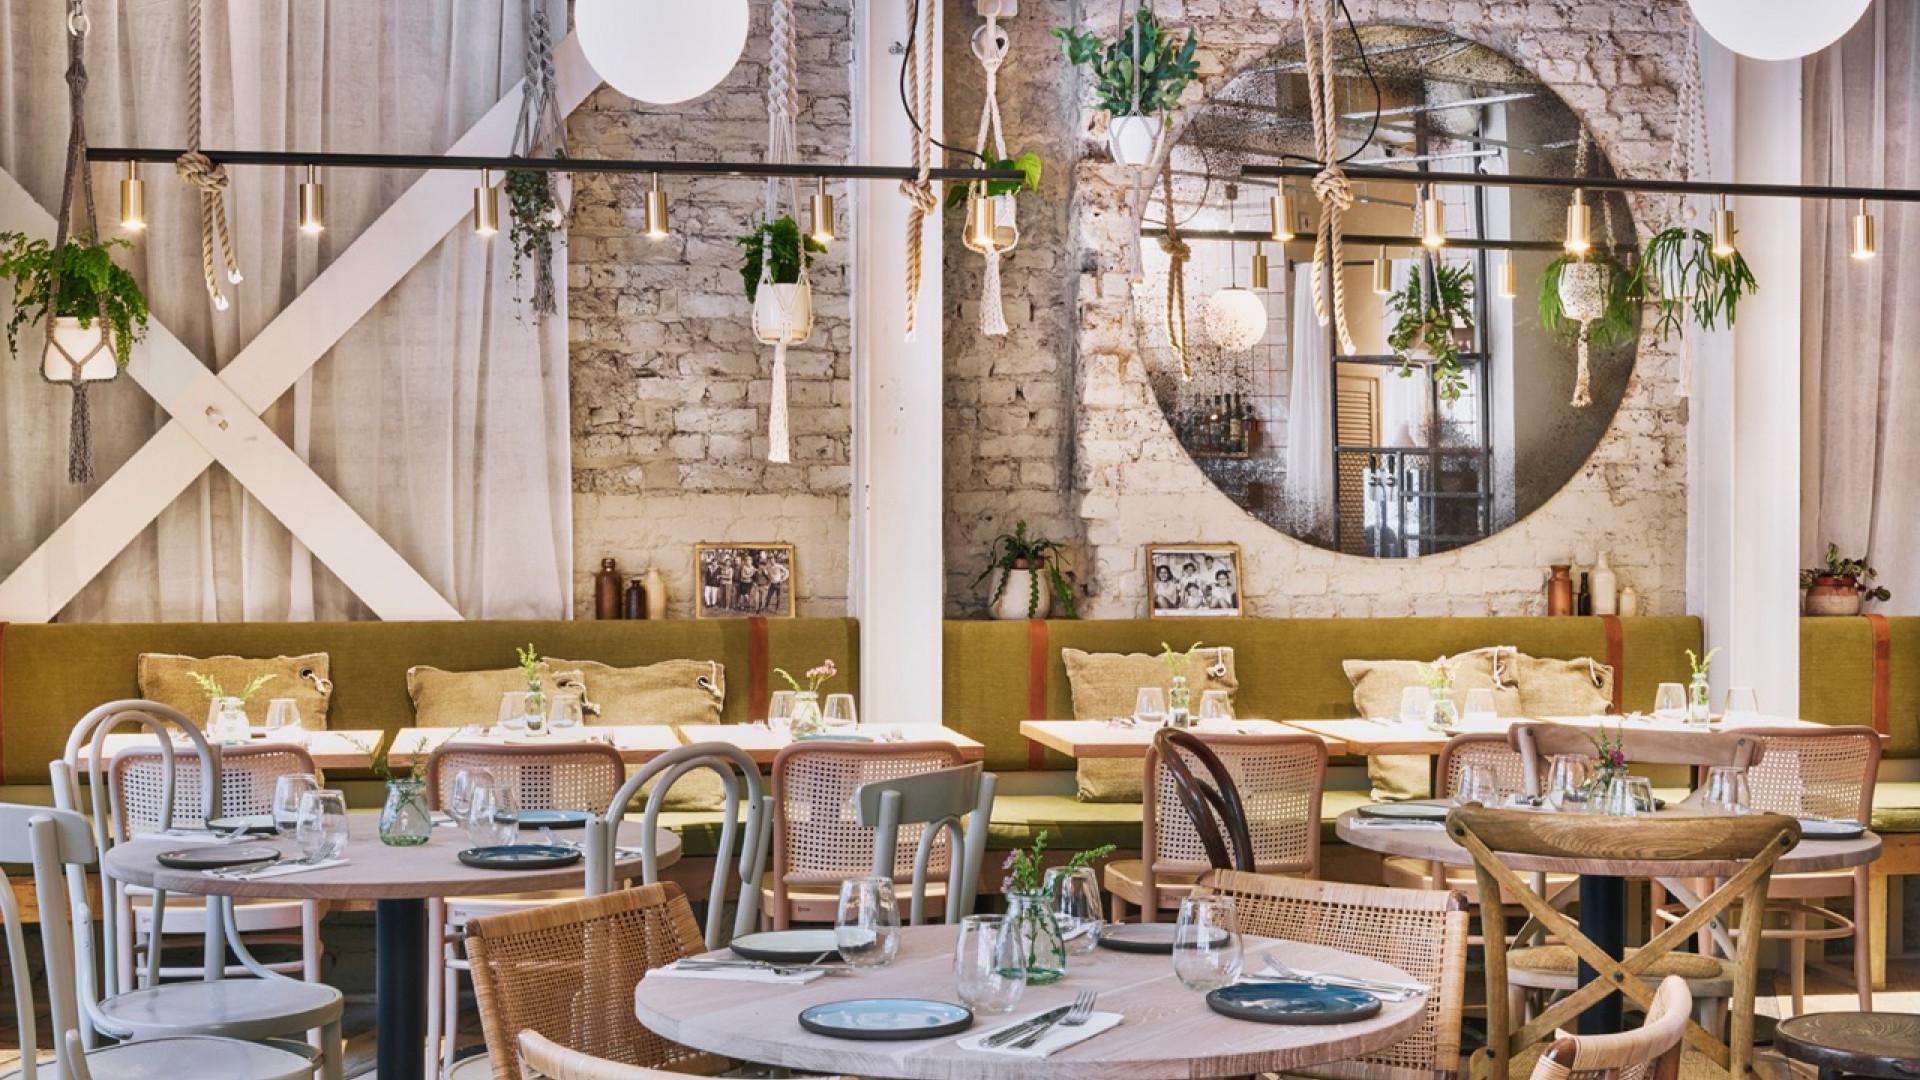 The interiors at Delamina Marylebone